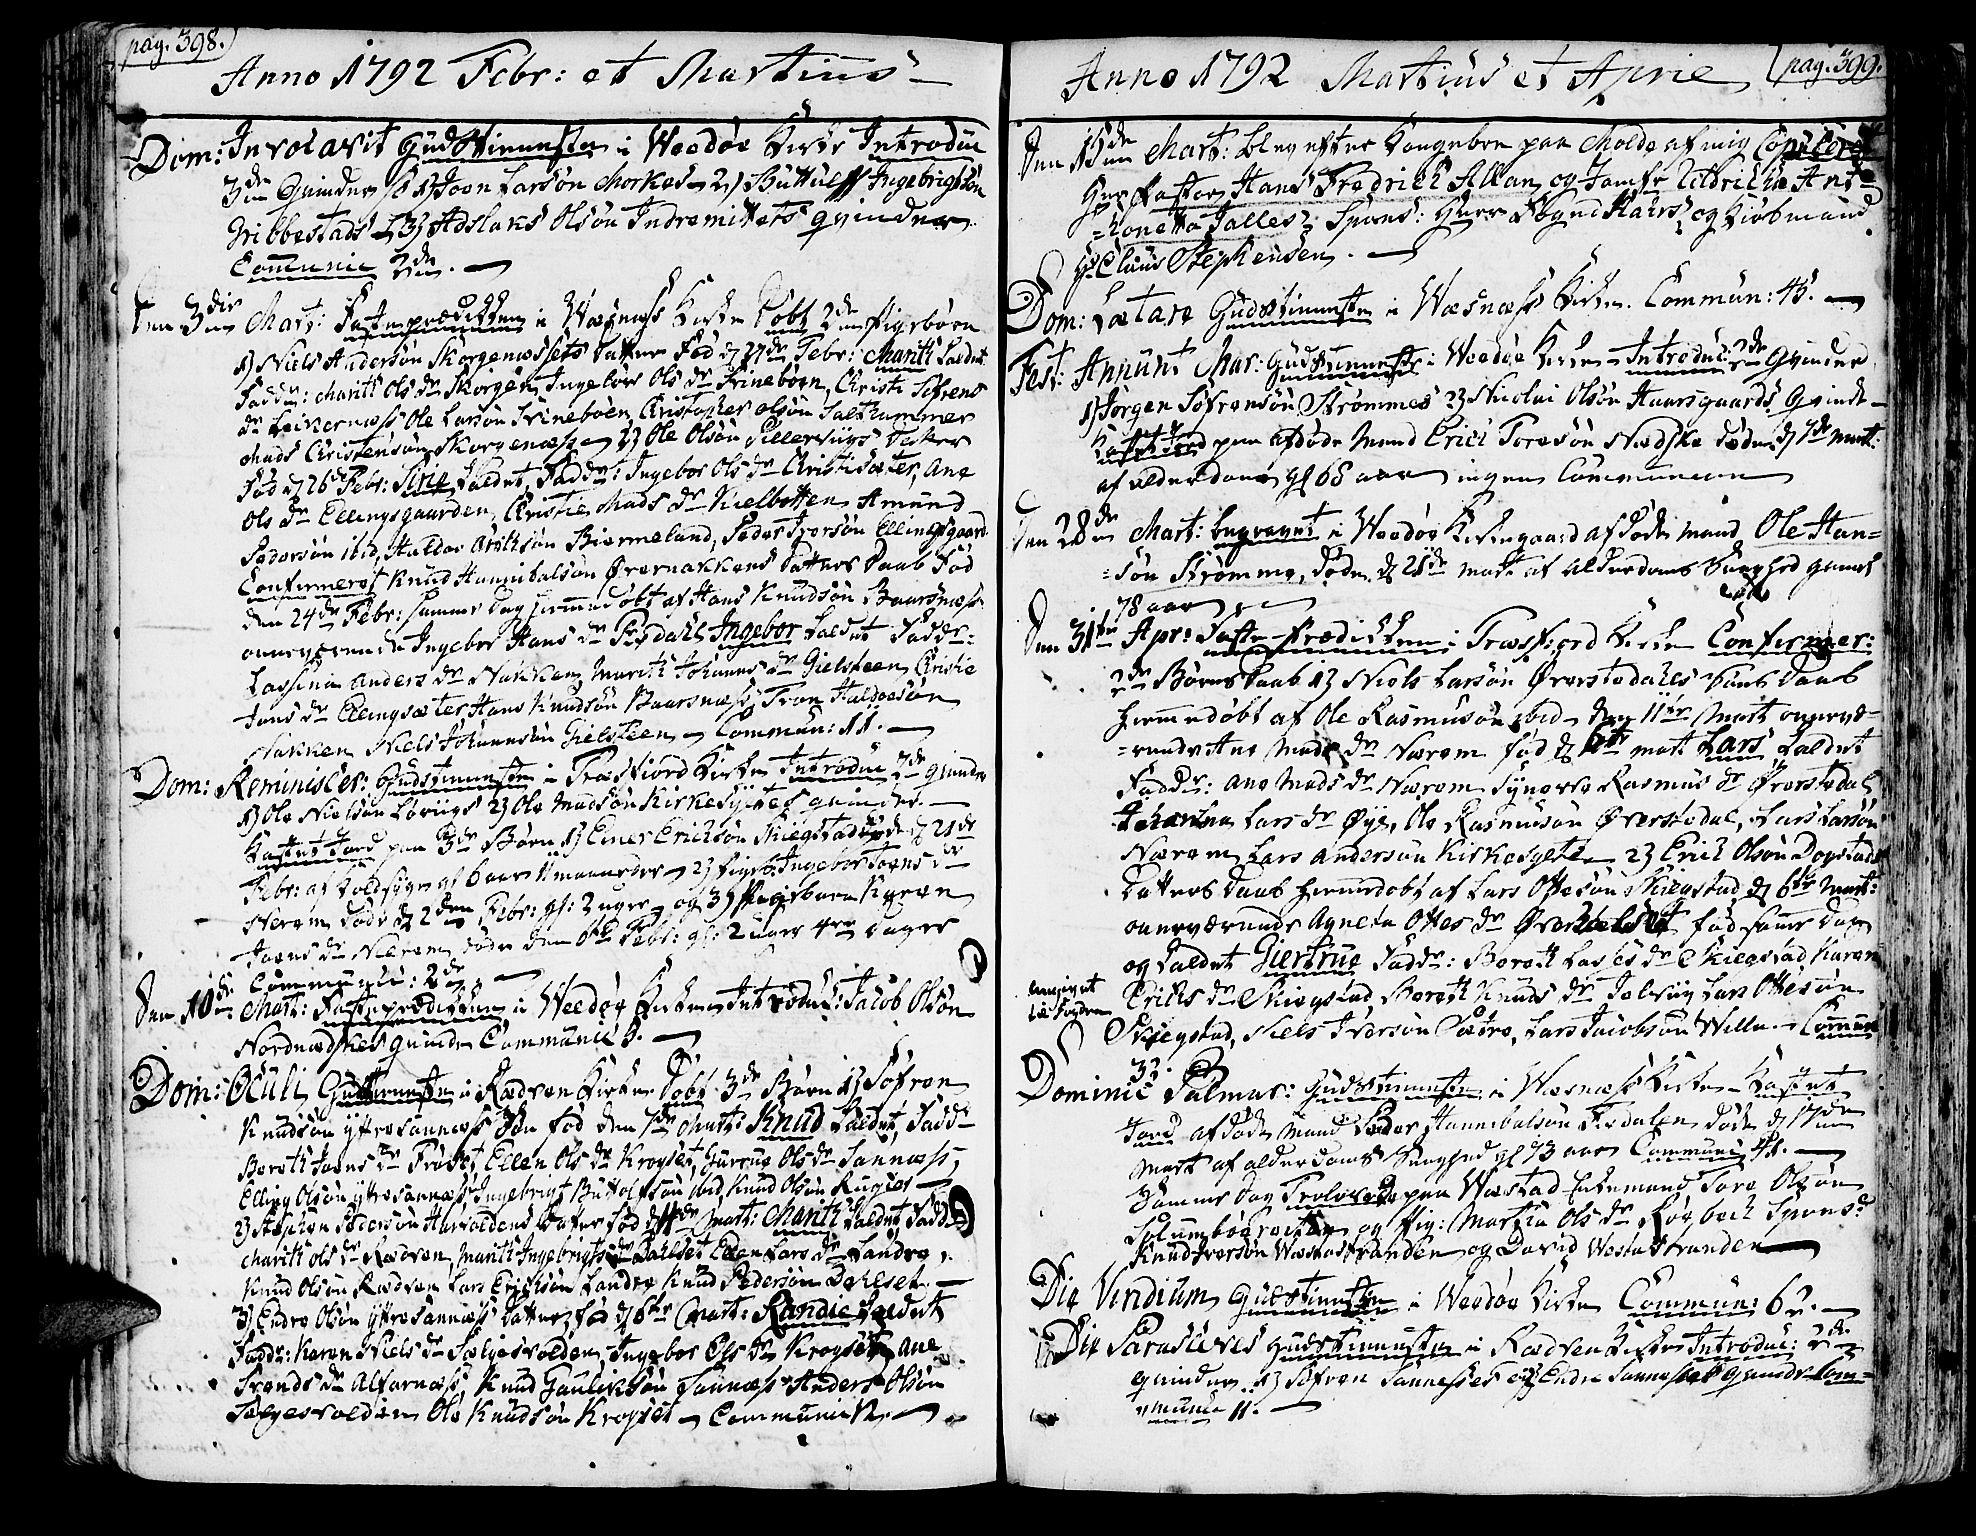 SAT, Ministerialprotokoller, klokkerbøker og fødselsregistre - Møre og Romsdal, 547/L0600: Ministerialbok nr. 547A02, 1765-1799, s. 398-399